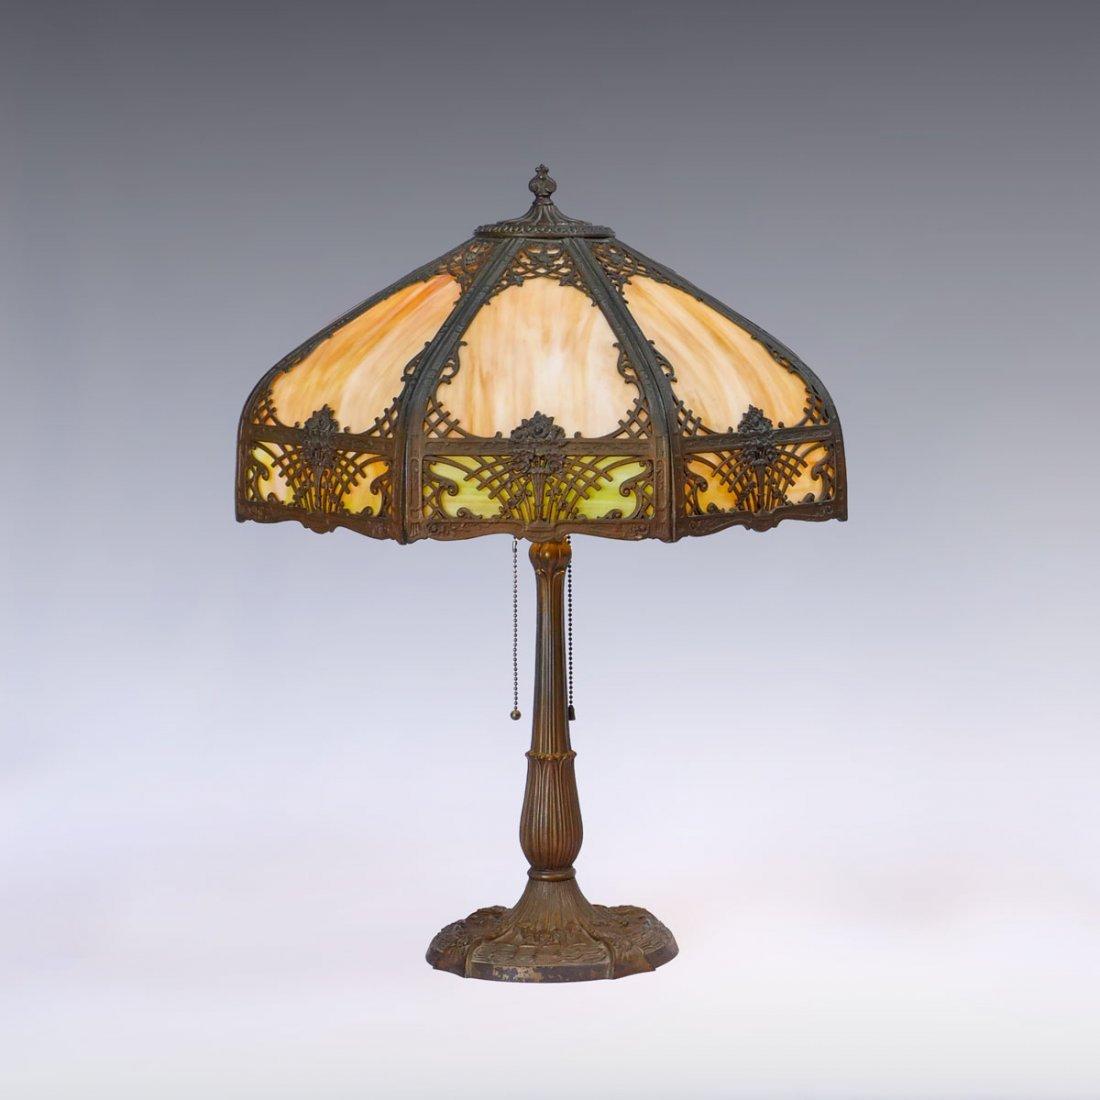 MILLER SLAG GLASS FILIGREE LAMP